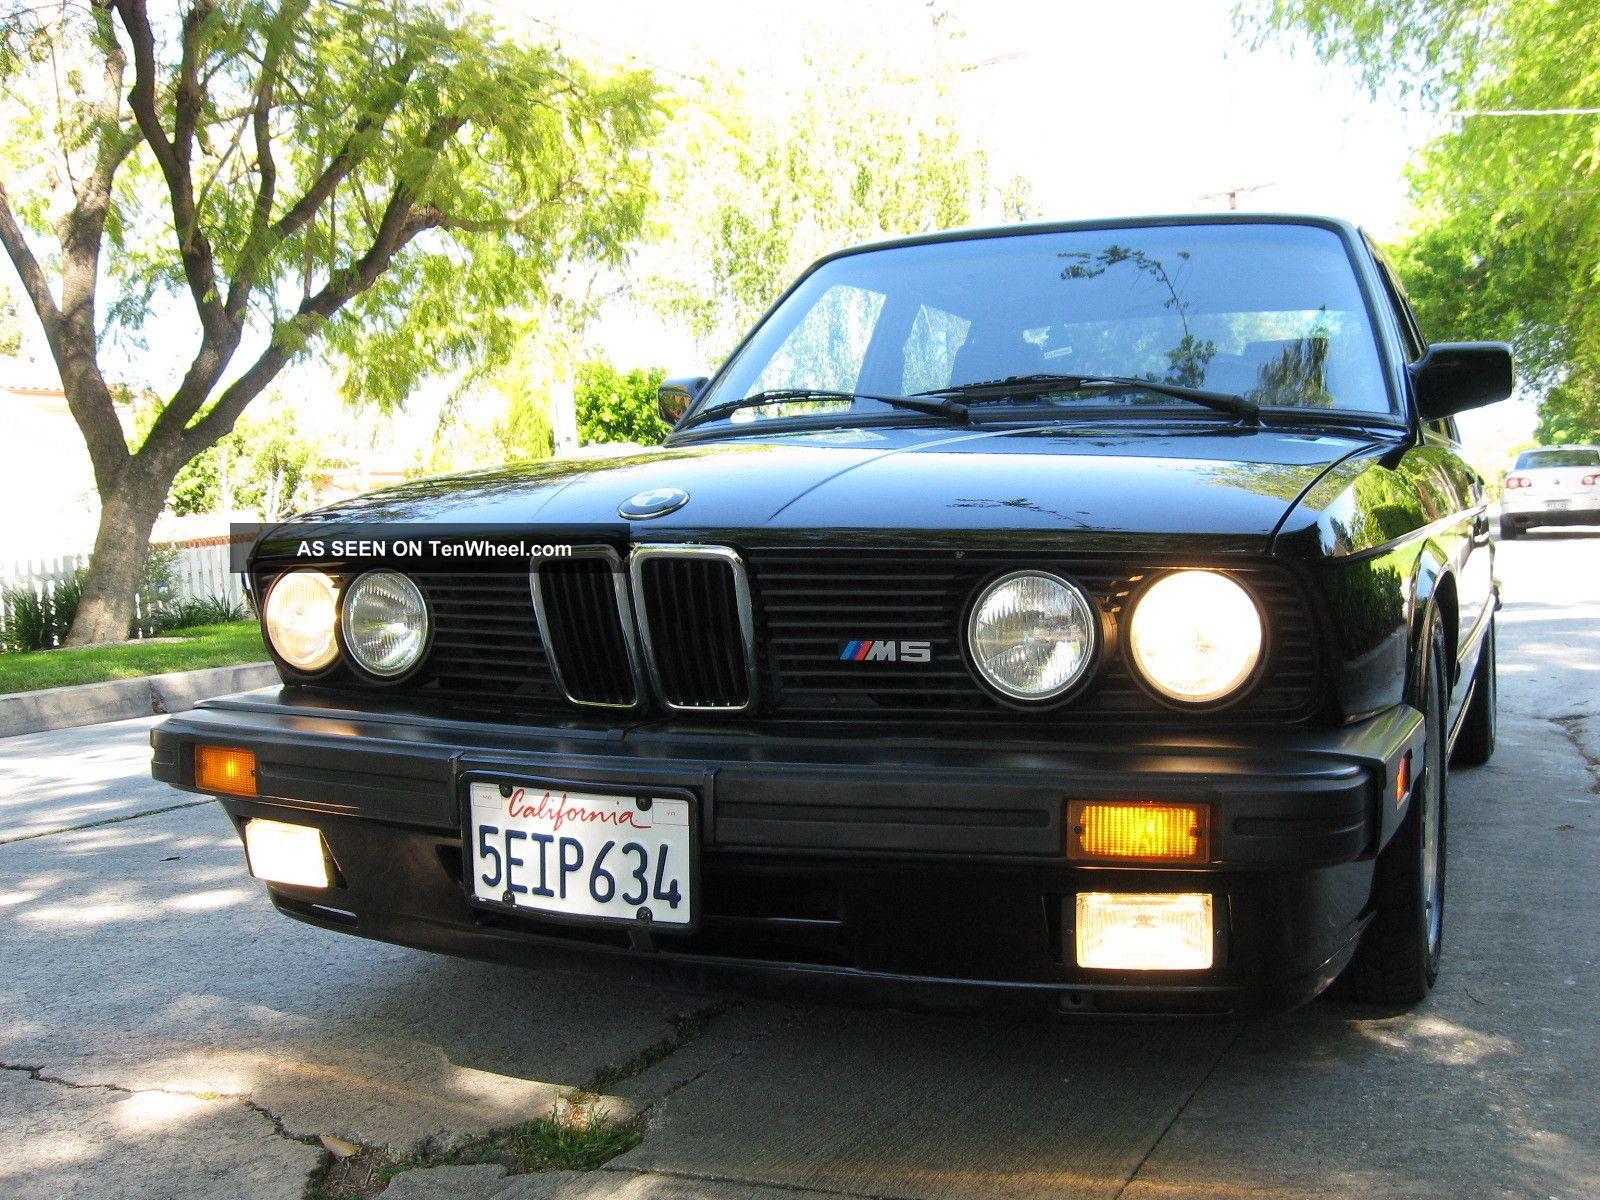 1988 Bmw M5 - E28 - 1st Generation Limited Edition Blk / Blk M5 photo